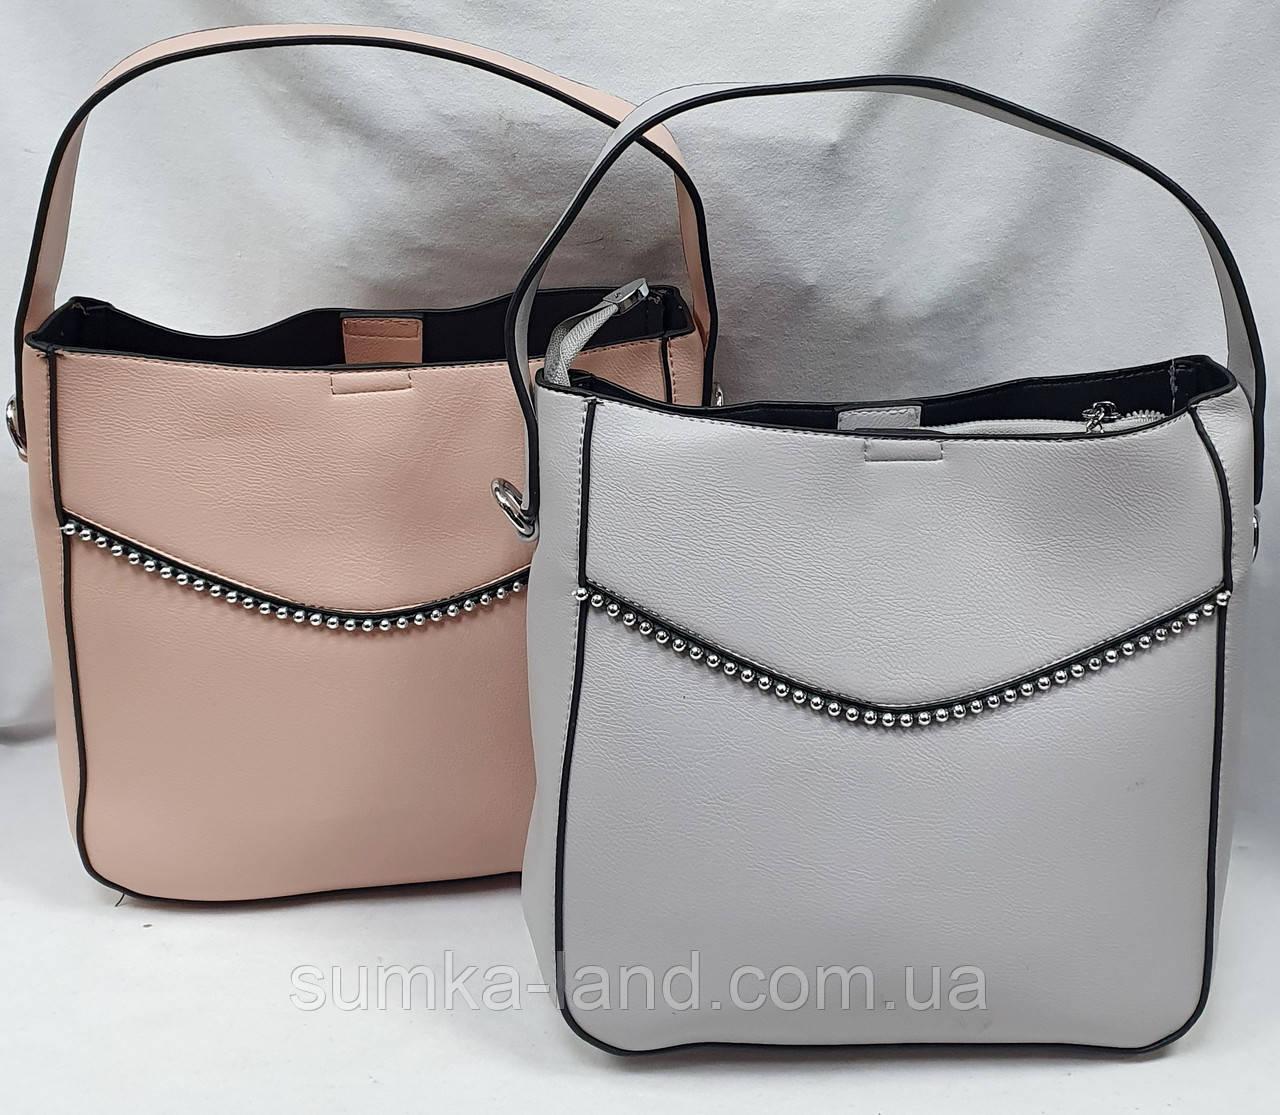 Женские молодежные сумки на 3 отделения 24*25 см